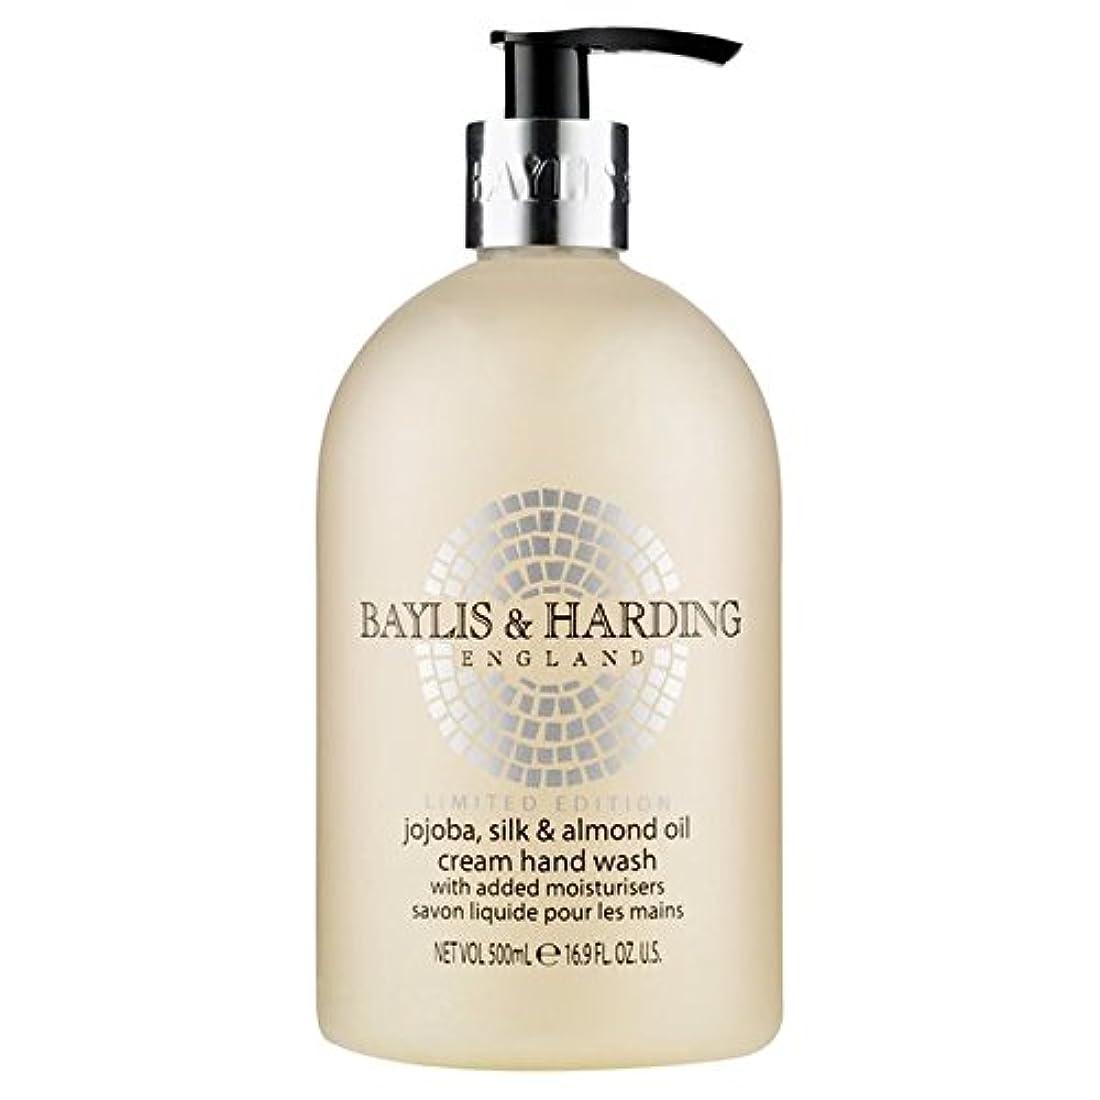 楽な値する明らかBaylis & Harding Jojoba, Silk & Almond Oil Hand Wash 500ml (Pack of 6) - ベイリス&ハーディングホホバ、シルク&アーモンドオイルハンドウォッシュ500ミリリットル x6 [並行輸入品]